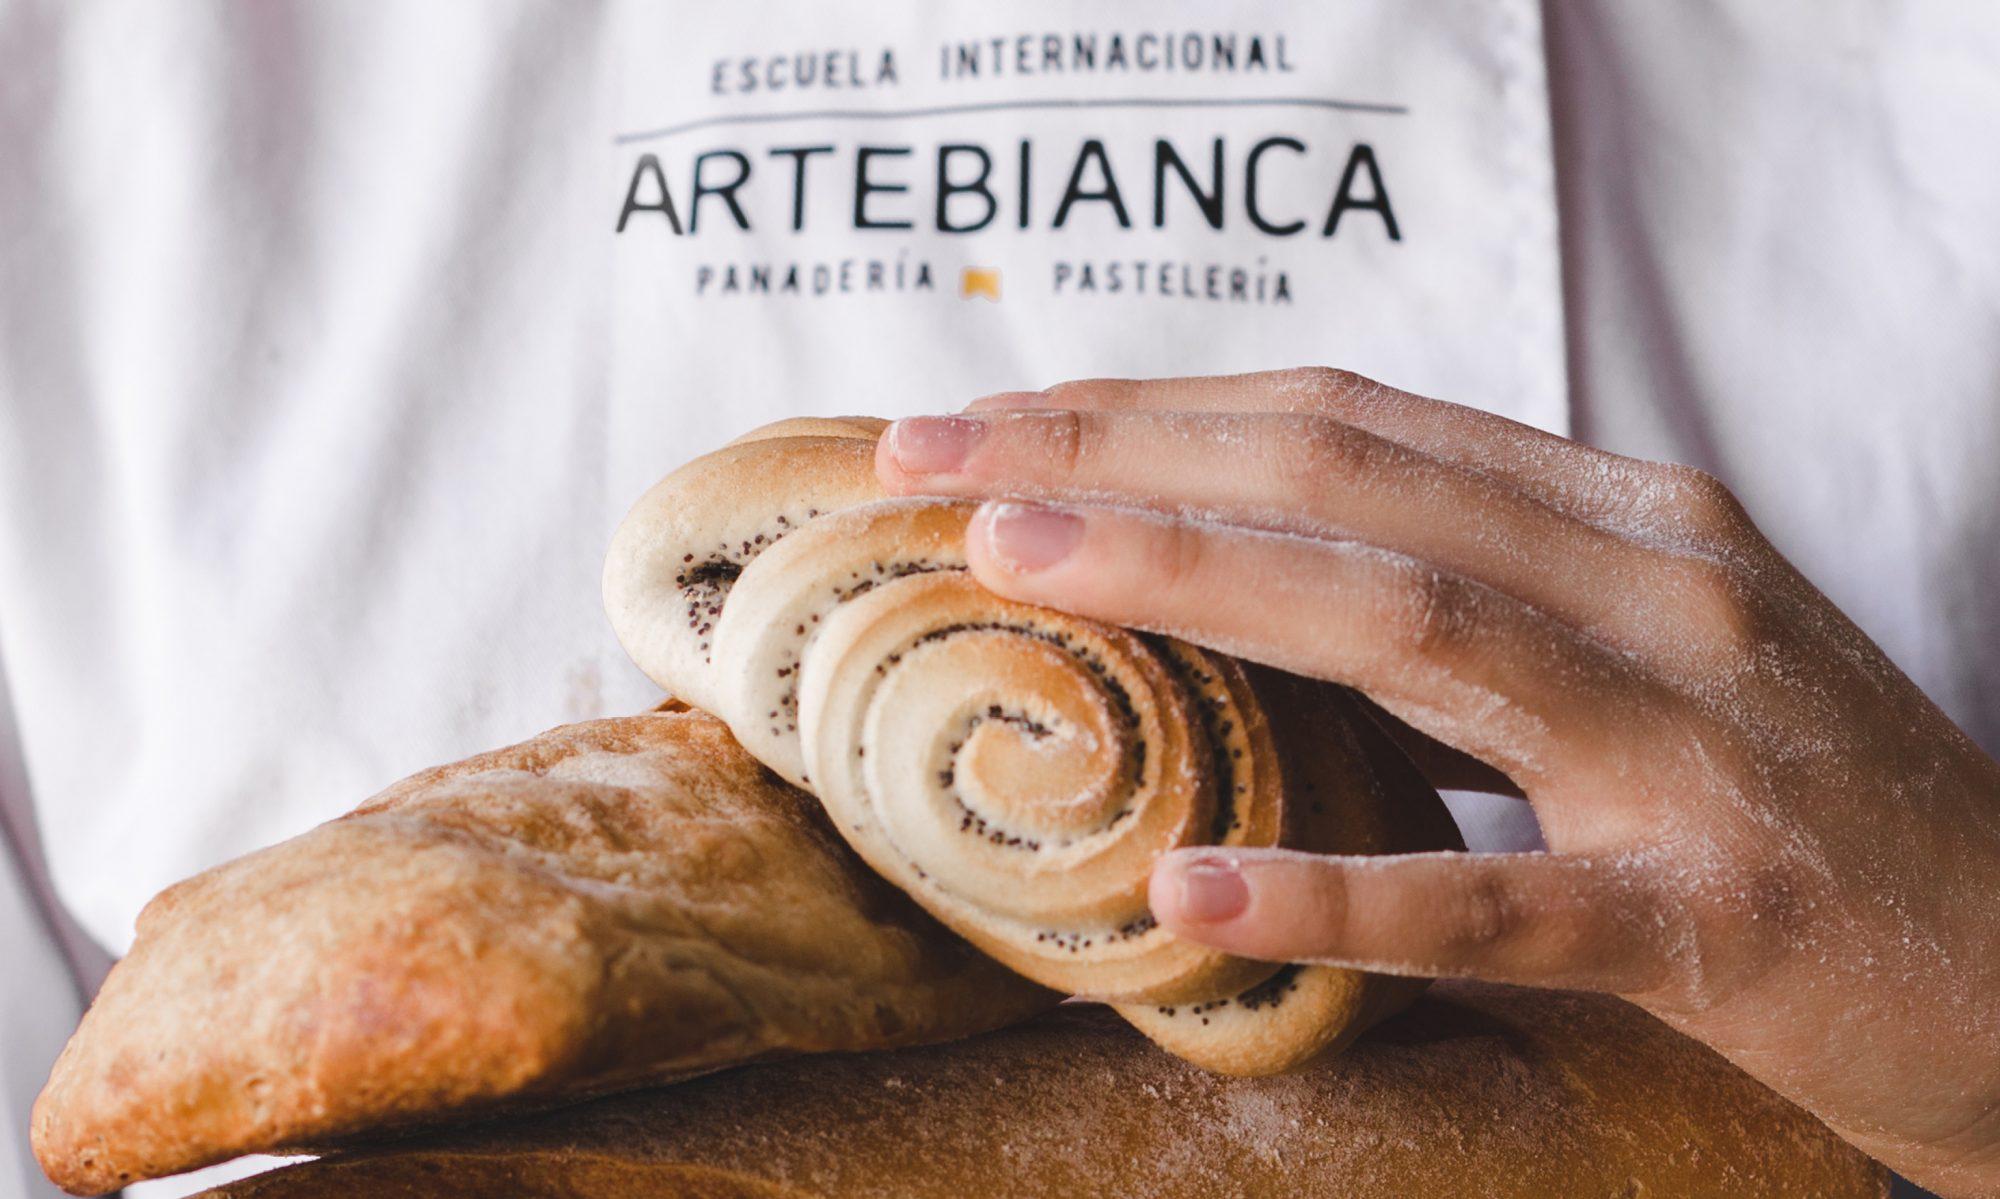 Artebianca.cl